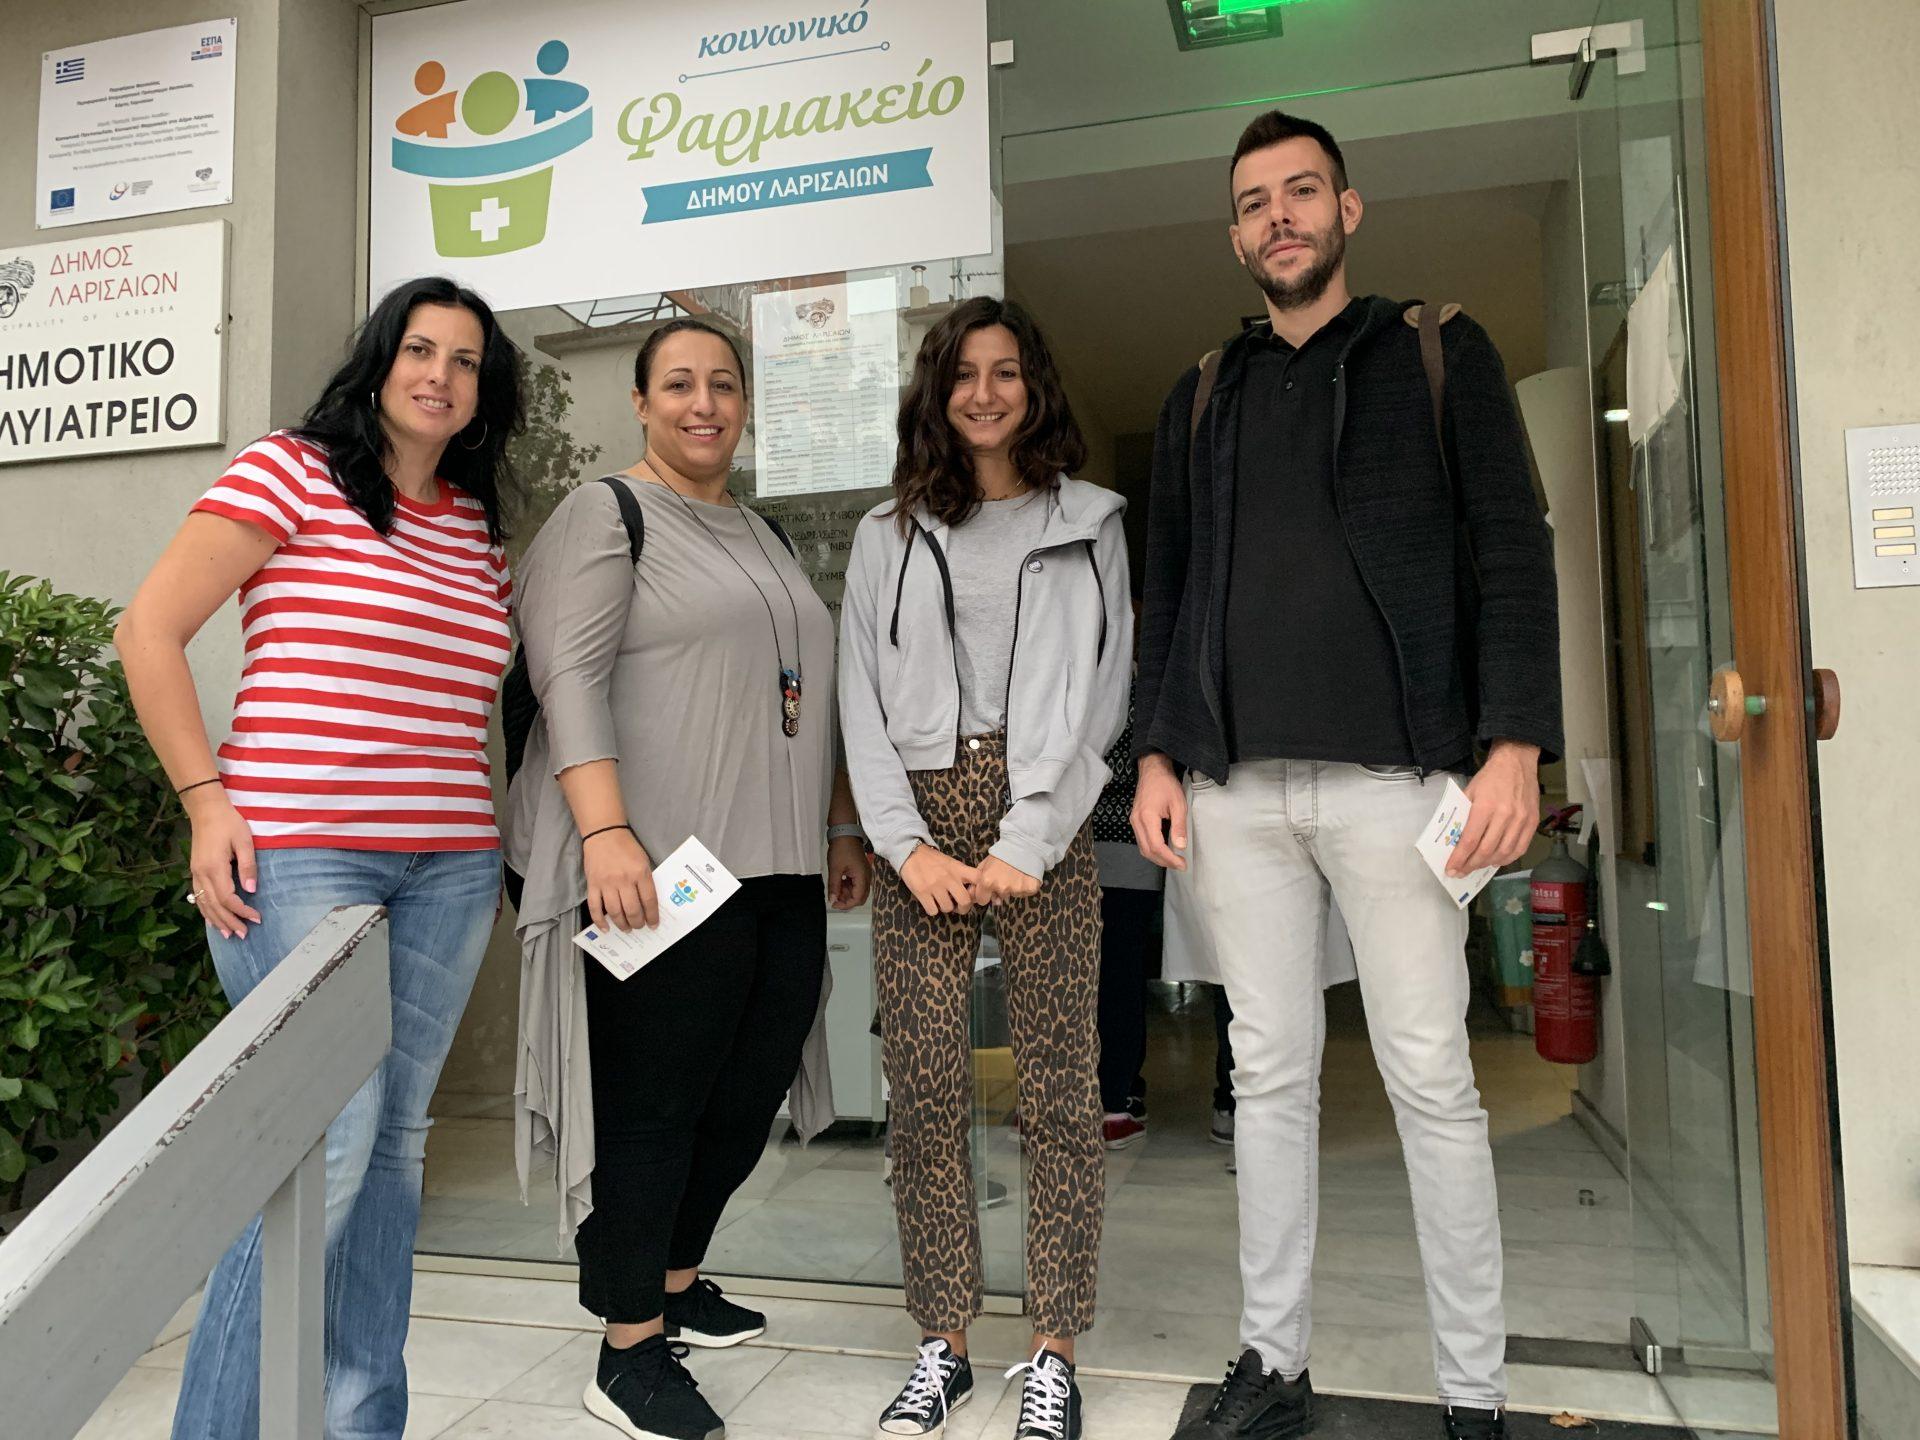 Προσφορά φαρμάκων στο Κοινωνικό Φαρμακείο Δήμου Λαρισαίων